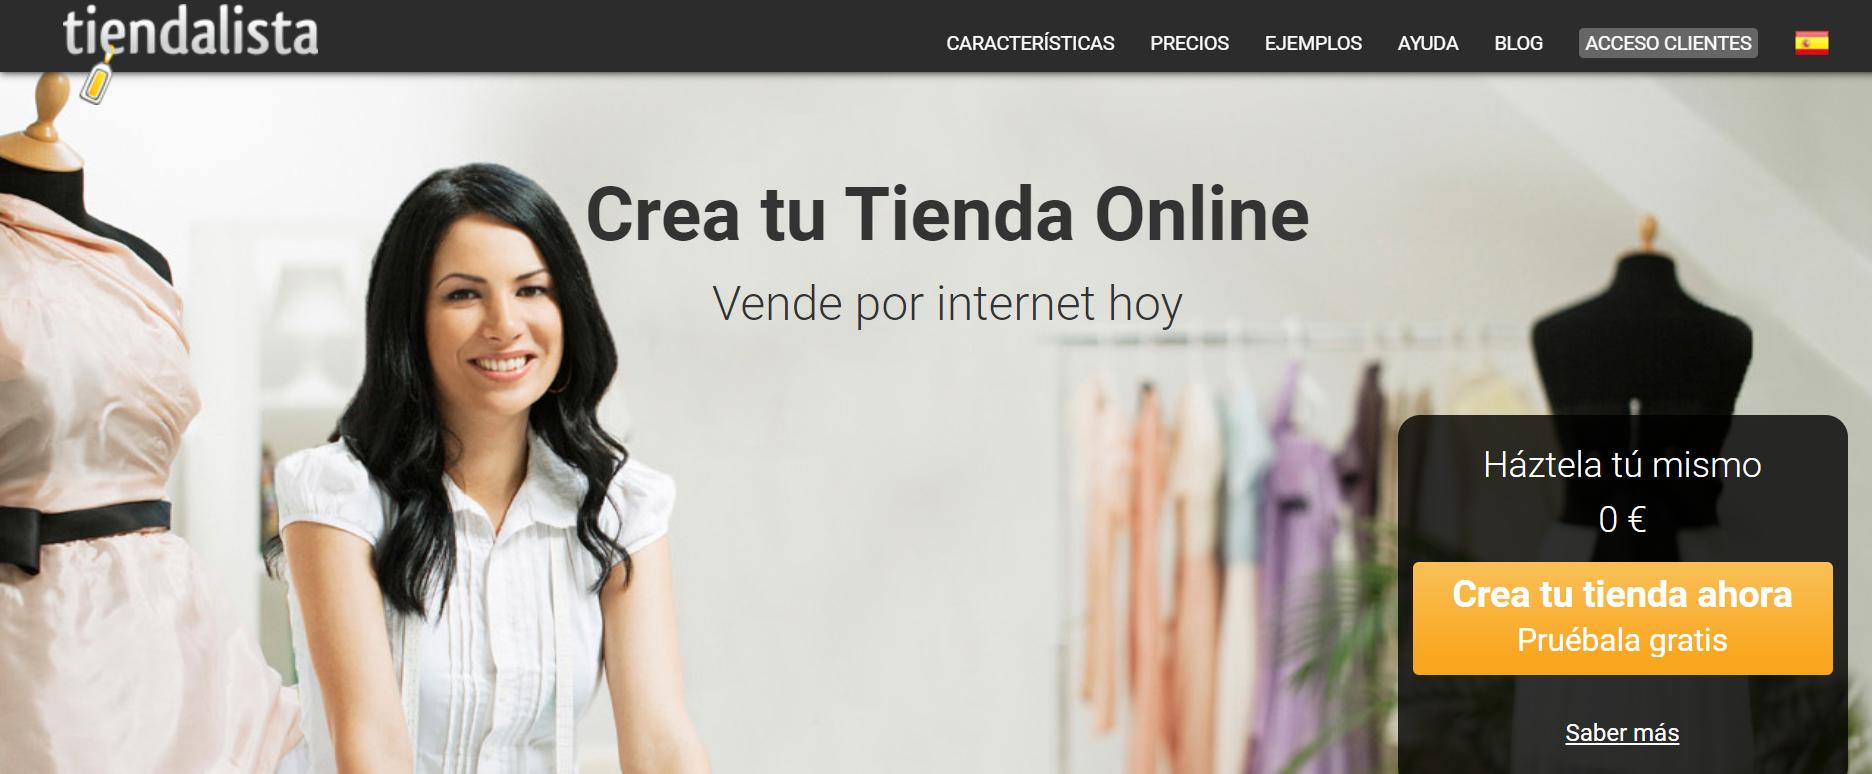 SEO, Diseño Gráfico y RRSS para Tiendalista - Redes Sociales